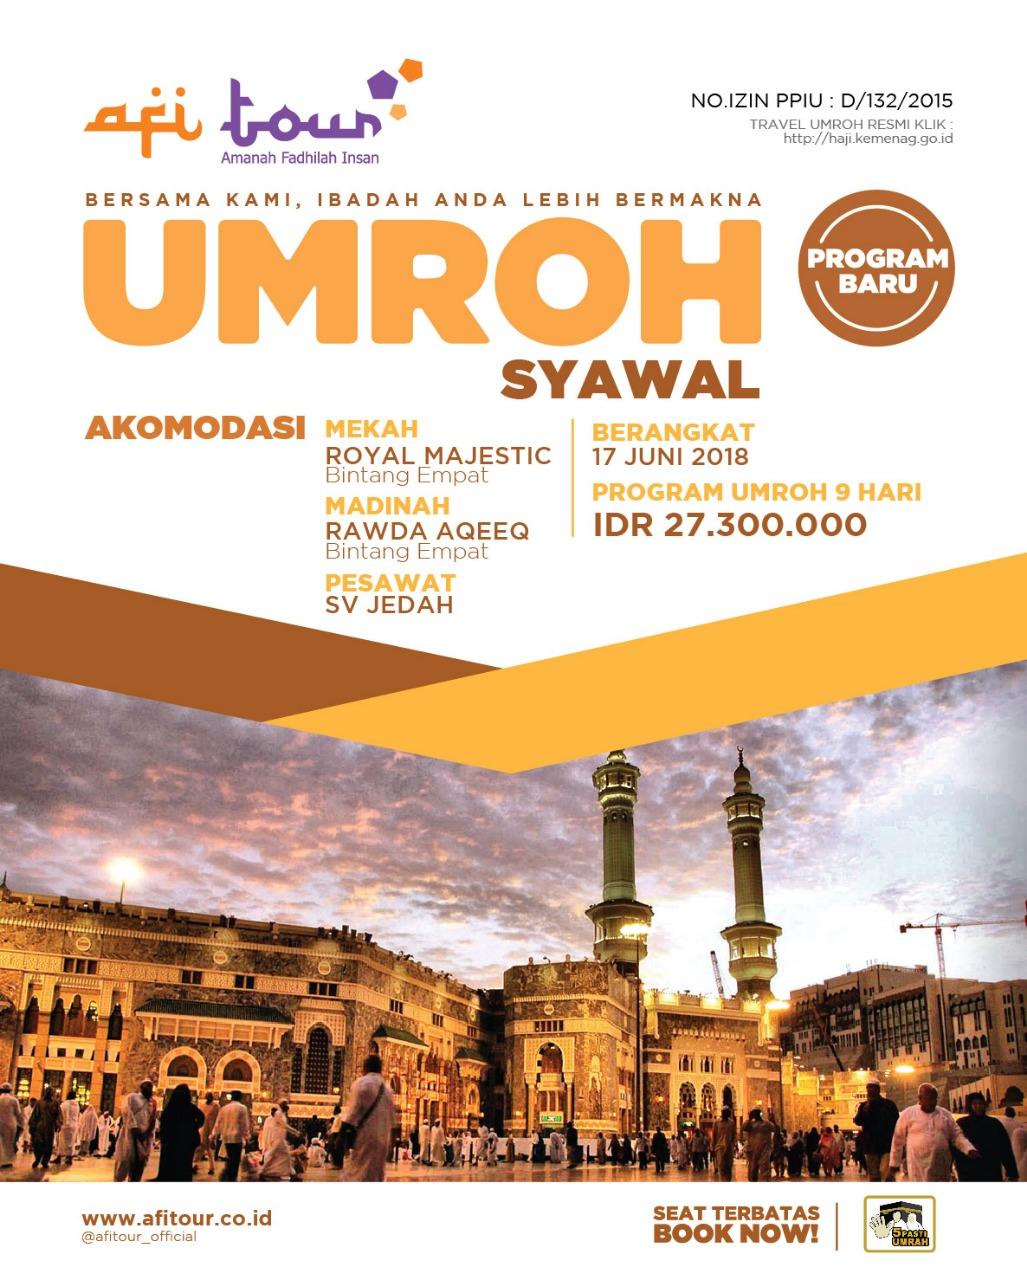 Umroh 1 Syawal 17 juni 2018